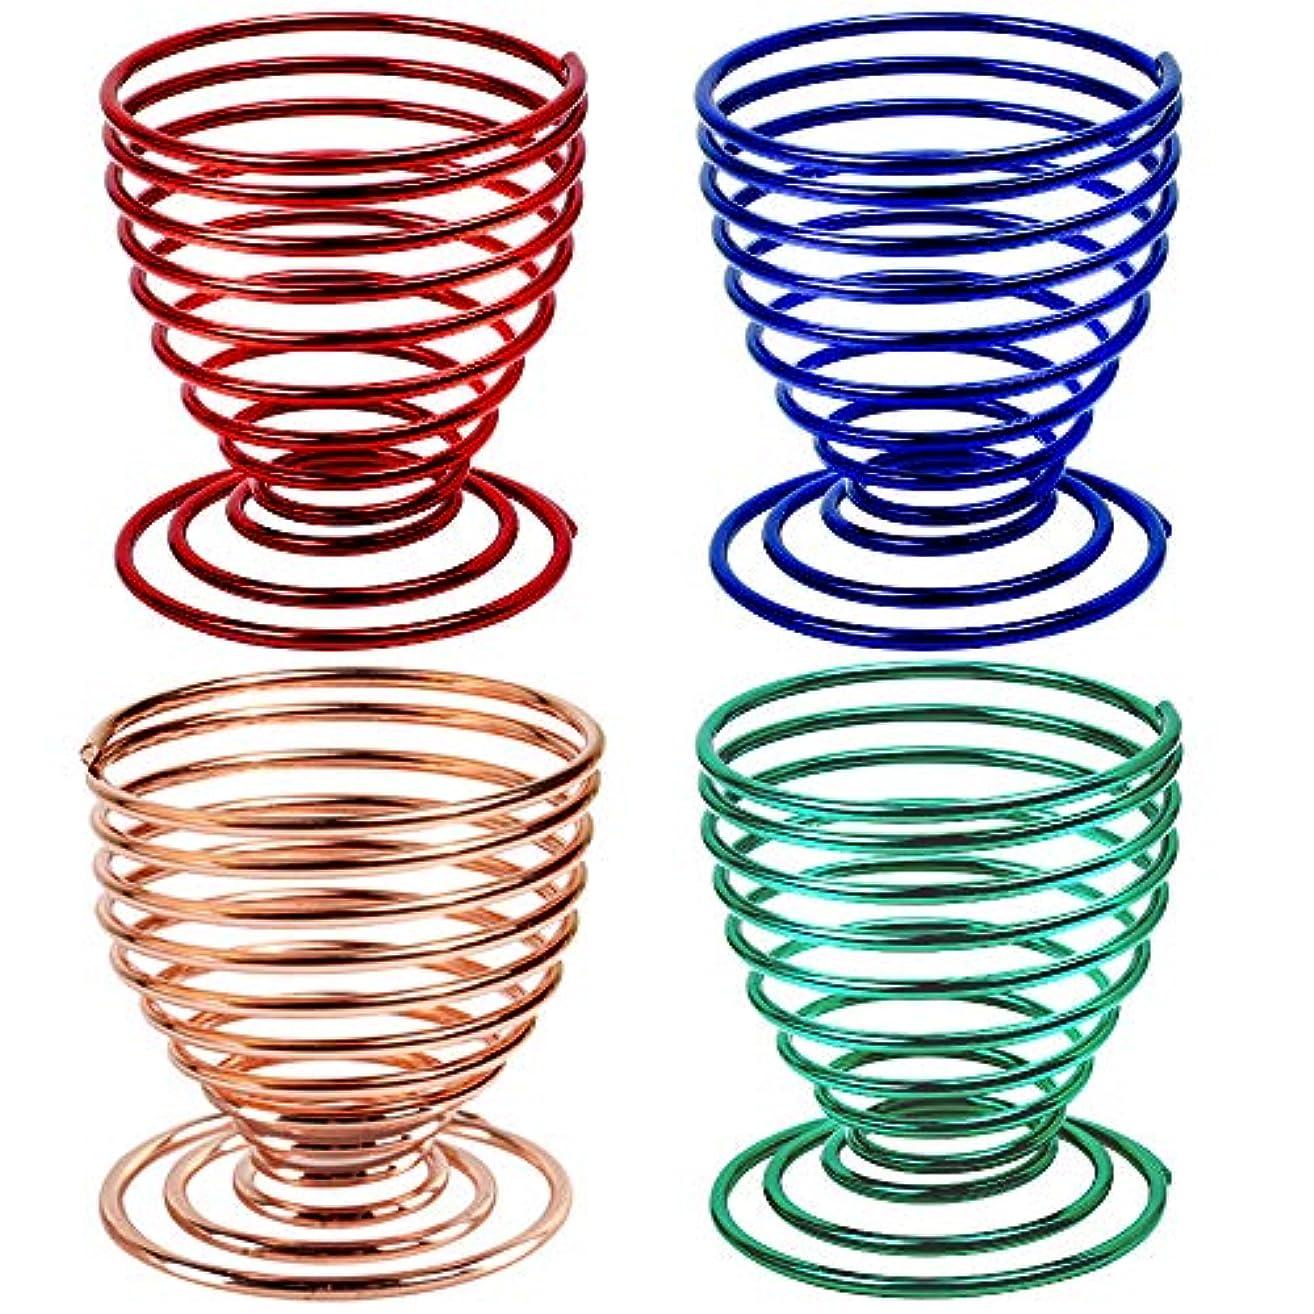 士気ディベート原始的なLEOBRO メイクスポンジスタンド メイクスポンジホルダー 4個セット 化粧用スポンジ置き パフスタンド 螺旋状 ローズゴールド グリーン ブルー レッド 3Dパフスタンド メイクアップ パフホルダー 美容ツール